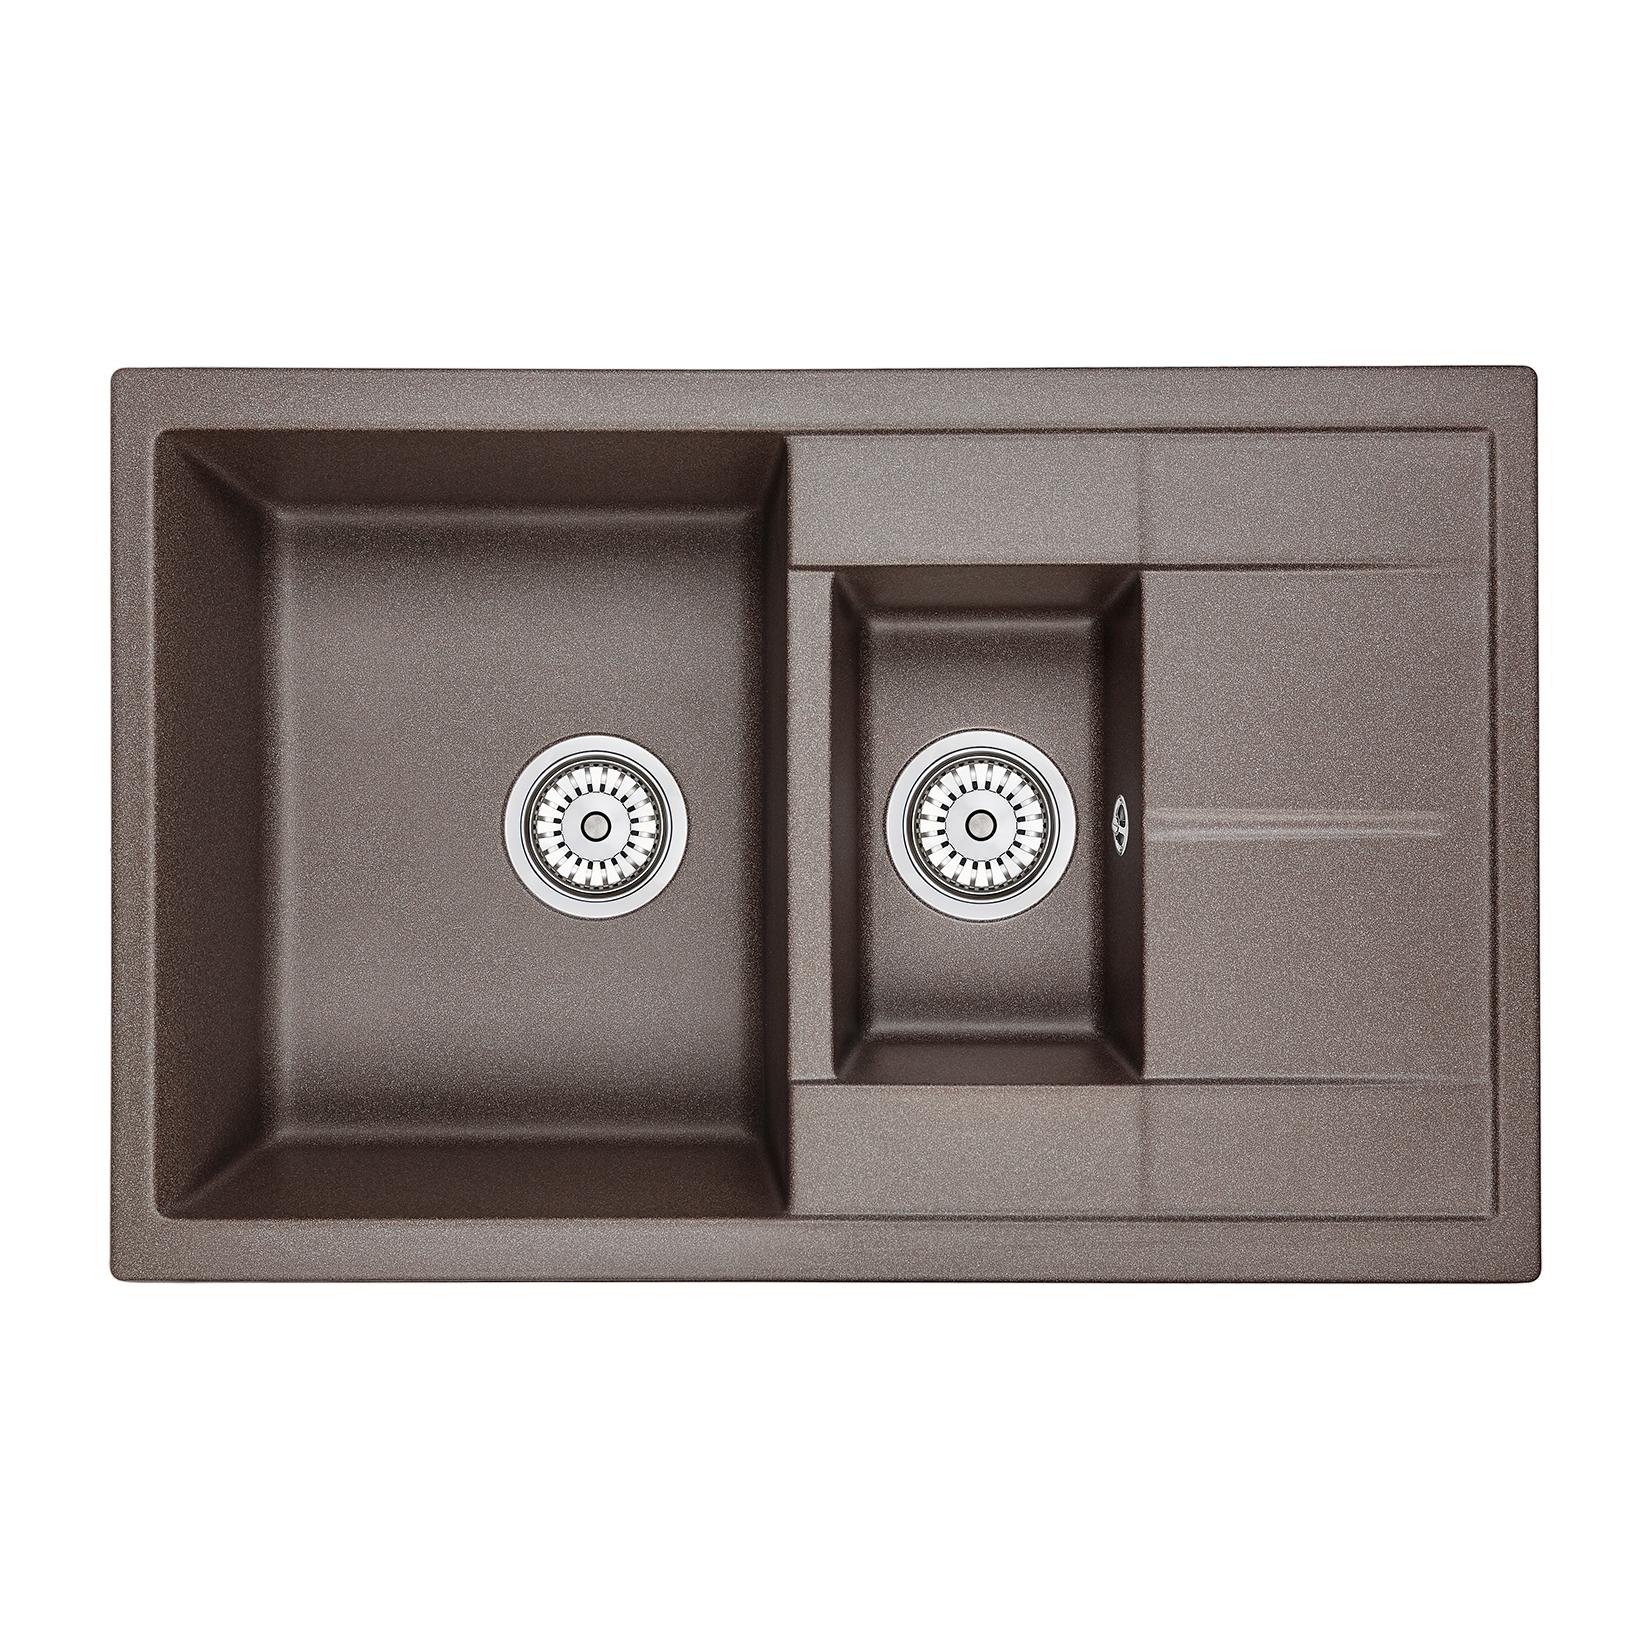 Кухонная мойка Granula GR-7802 775х495 эспрессо посуда кухонная